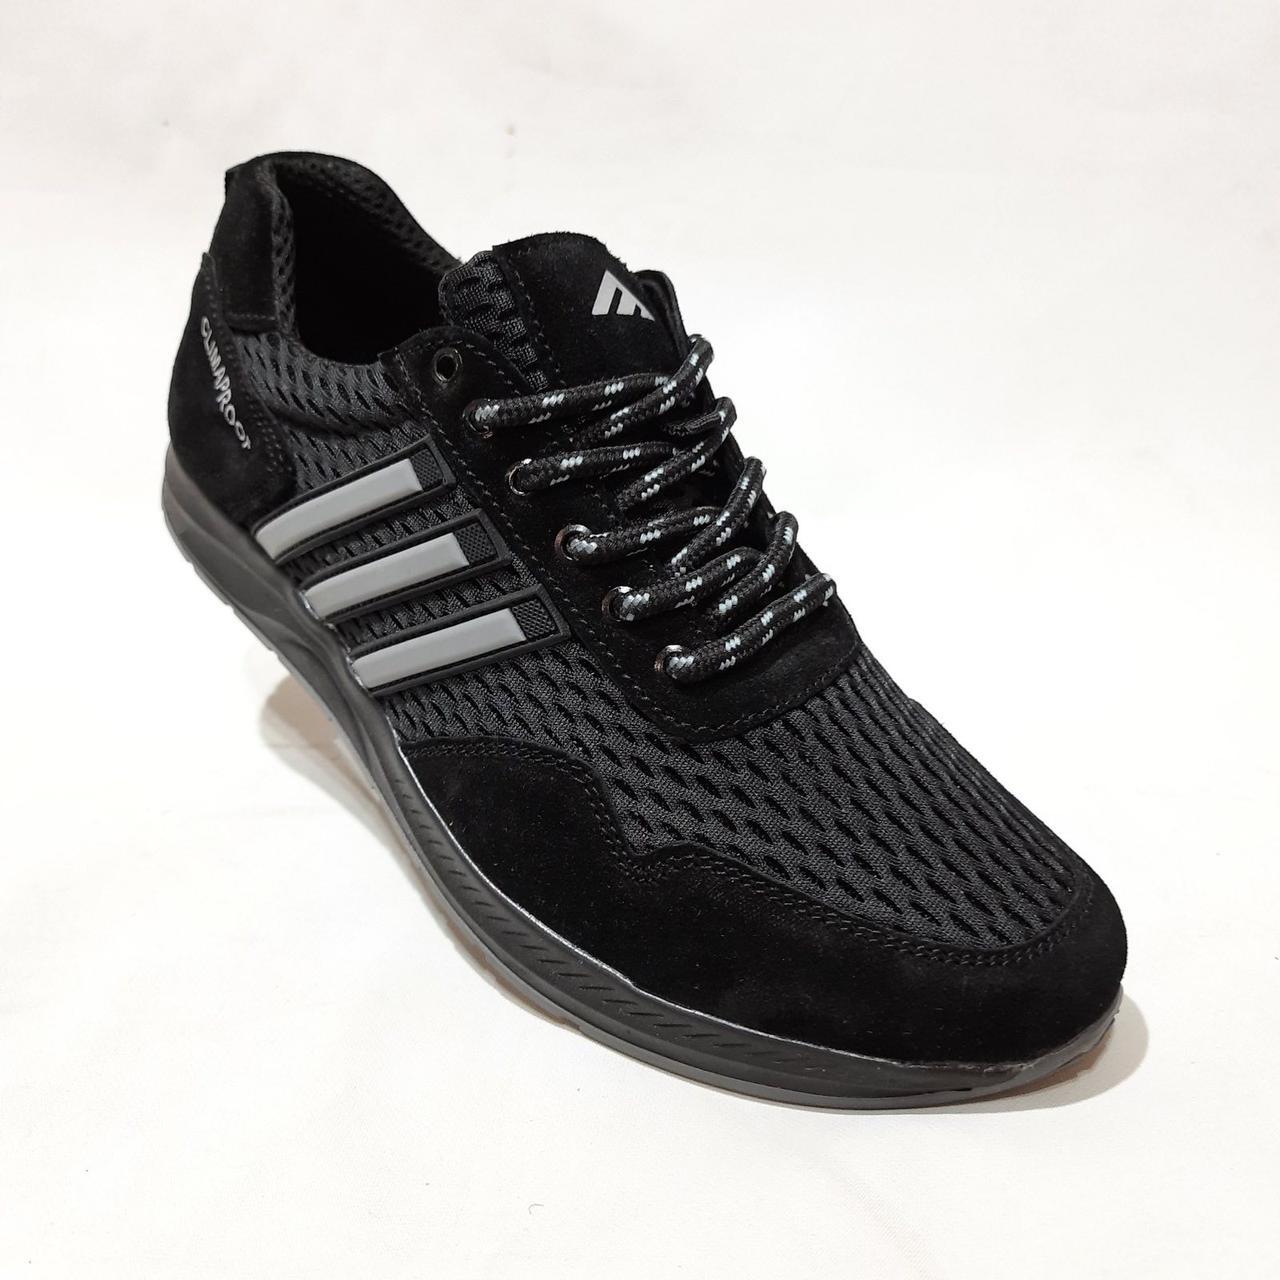 Літні чоловічі кросівки Adidas Climaproof (репліка) текстиль легкі Чорні